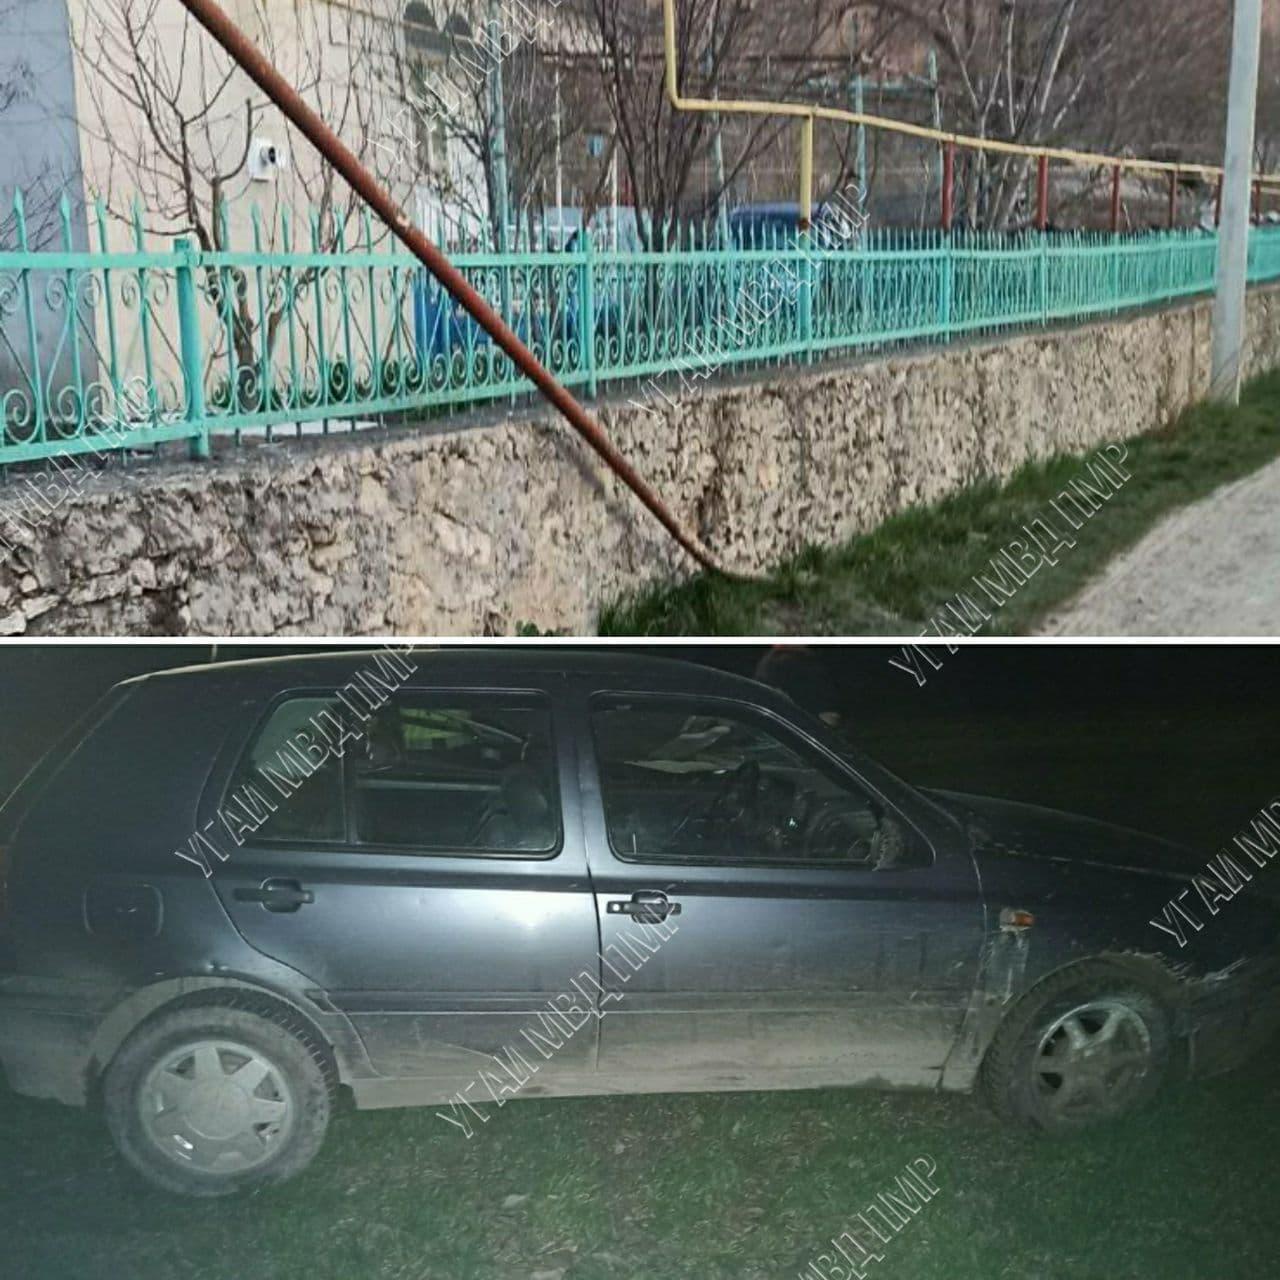 ДТП в Каменке: автоледи сбила опору газовой трубы и уехала